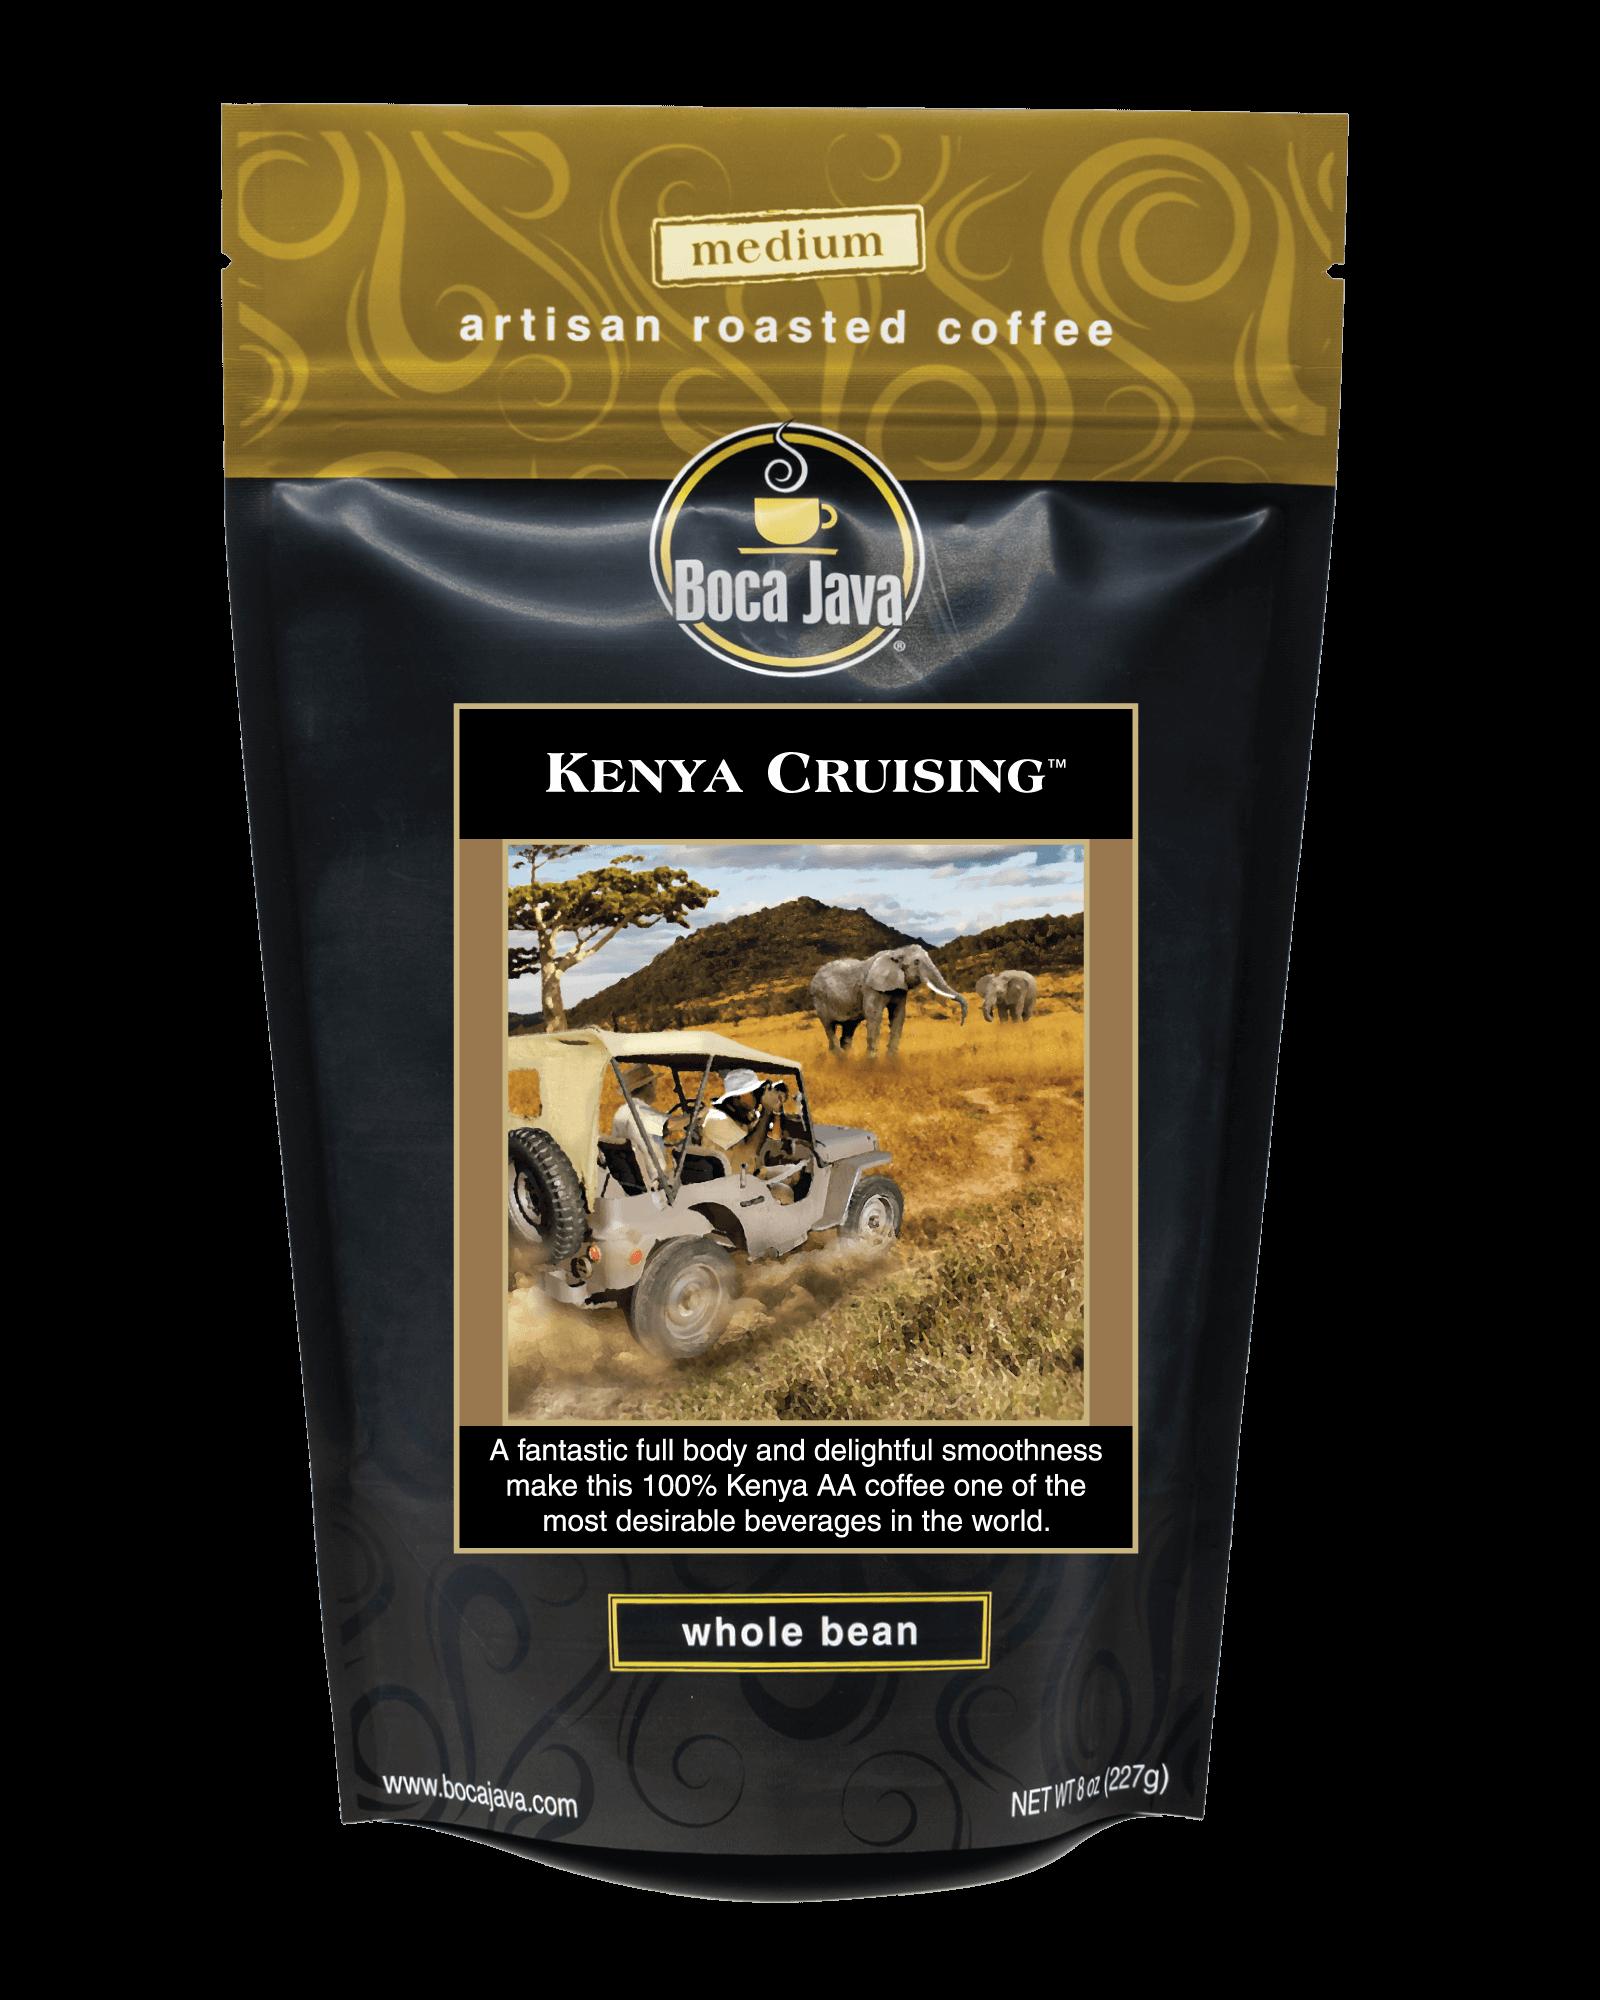 Kenya Cruising